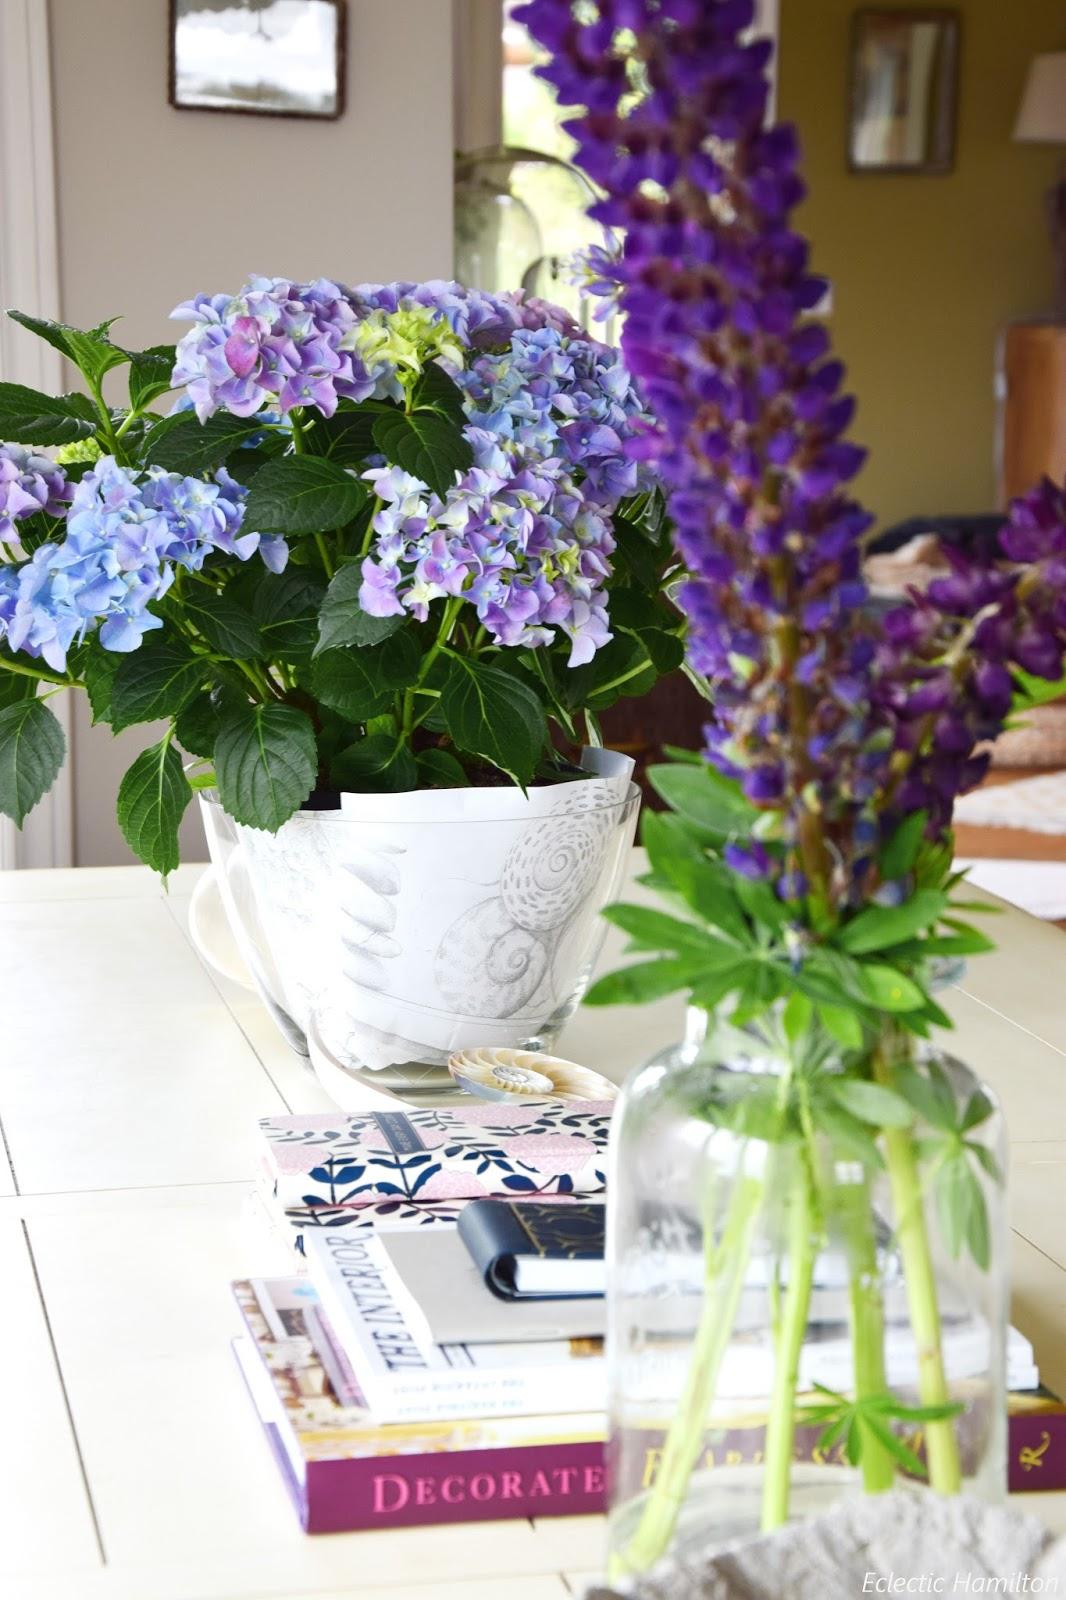 tischdeko mit hortensien tischdeko hortensien hochzeit strauss blumen rosen tischdecke grau. Black Bedroom Furniture Sets. Home Design Ideas